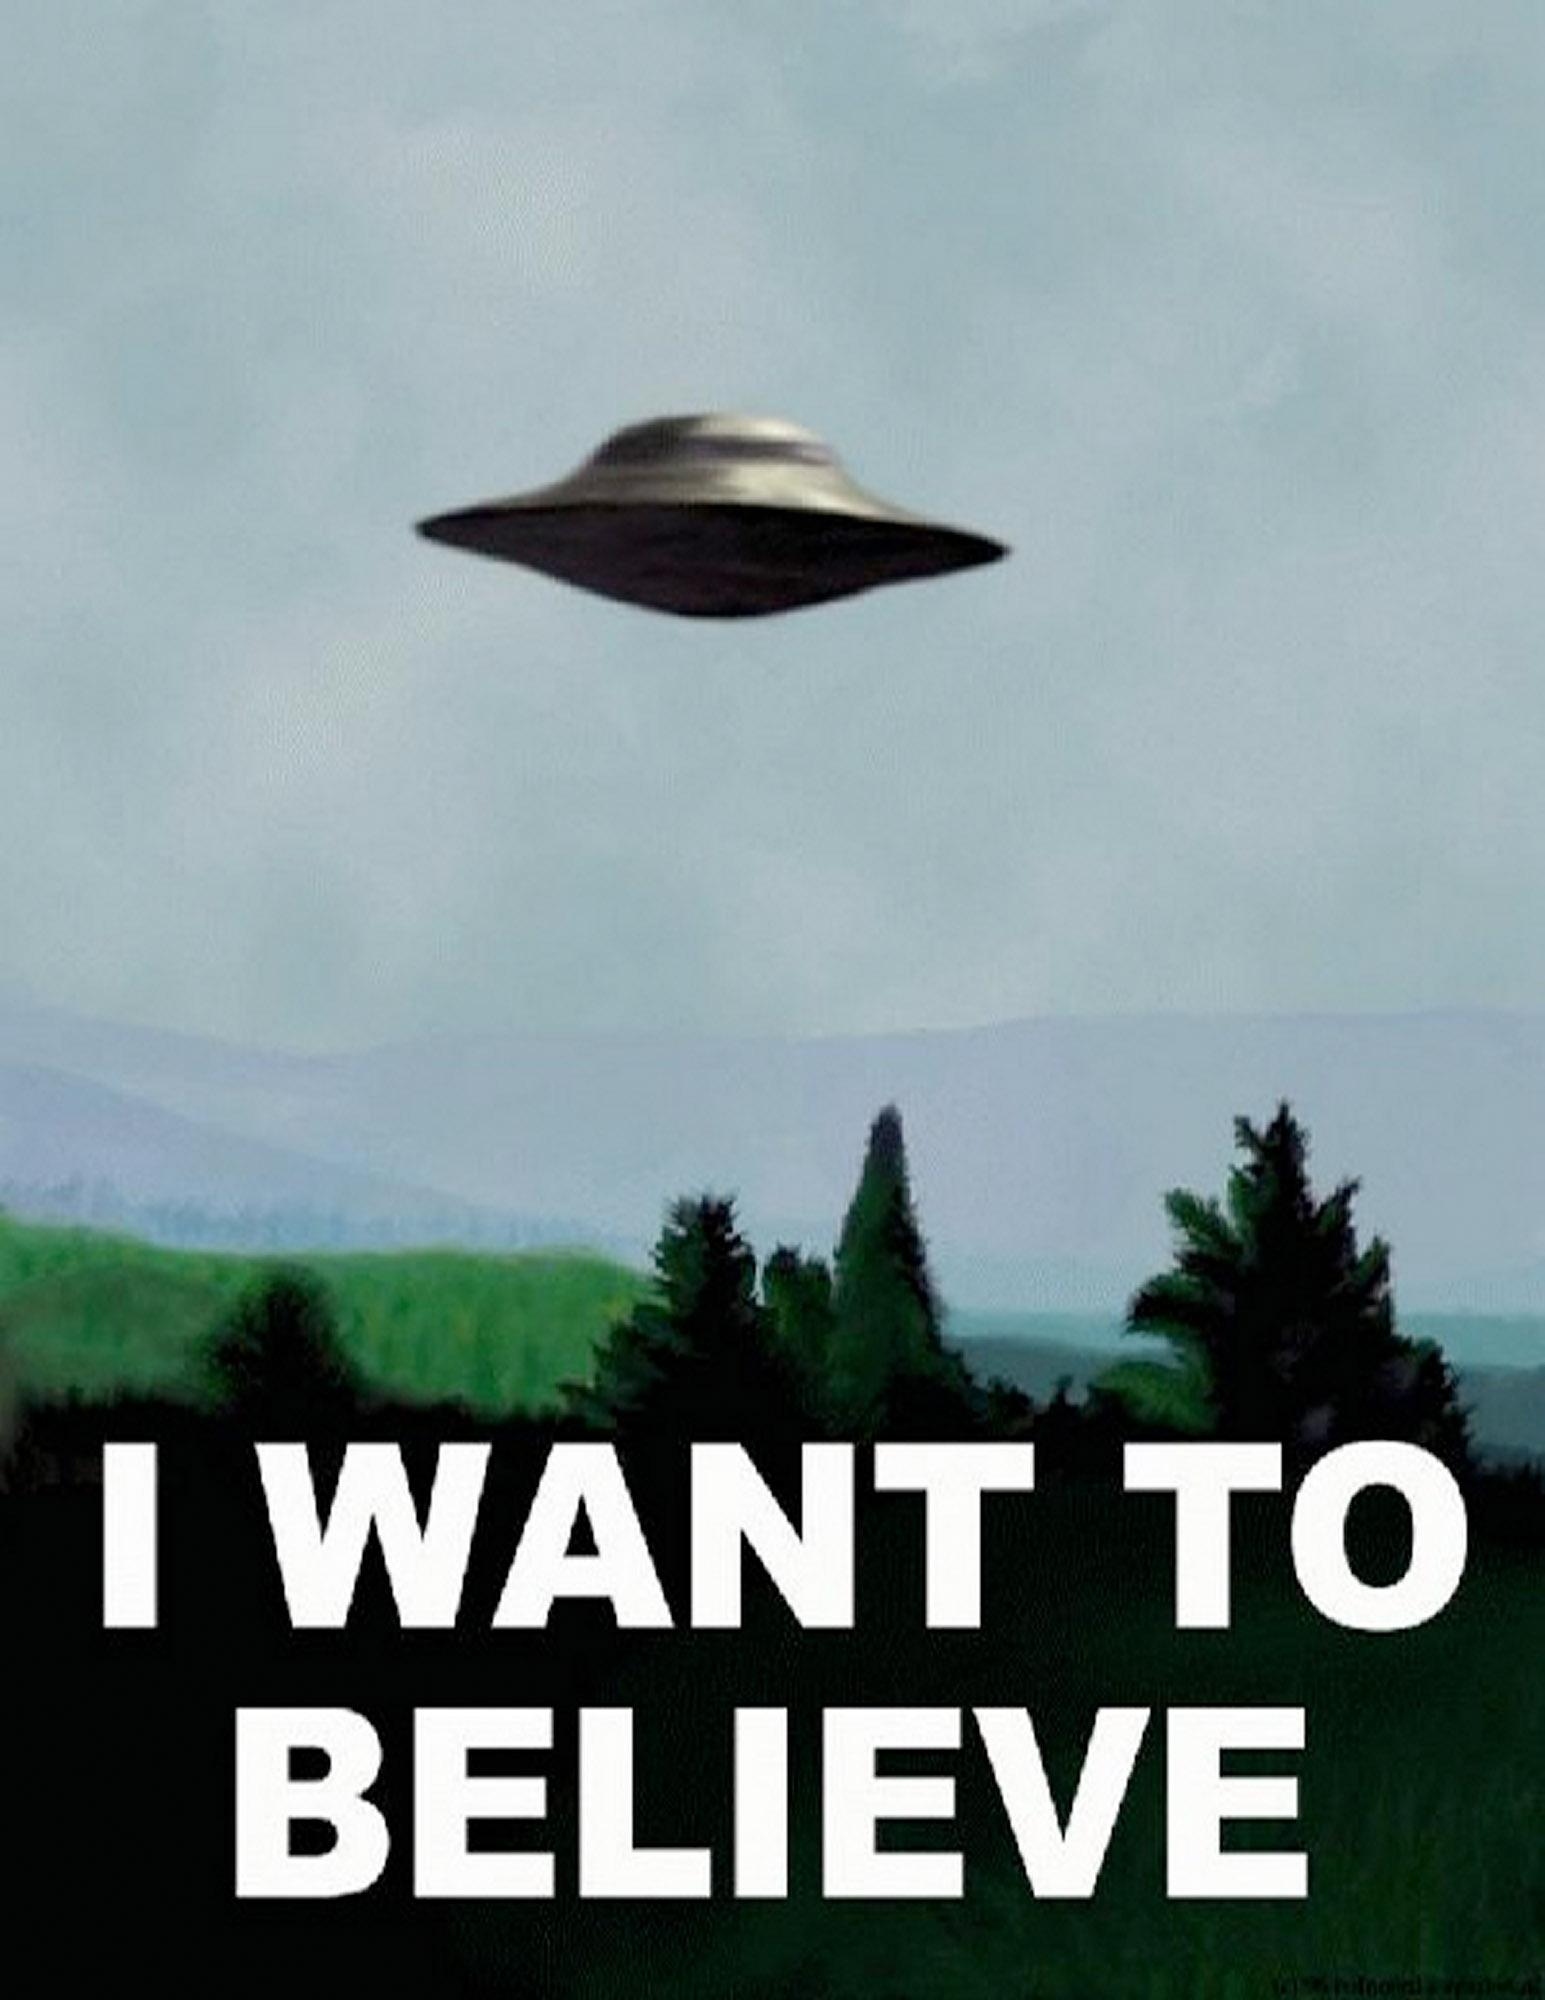 xfiles-i-want-to-believe-jpg.jpg